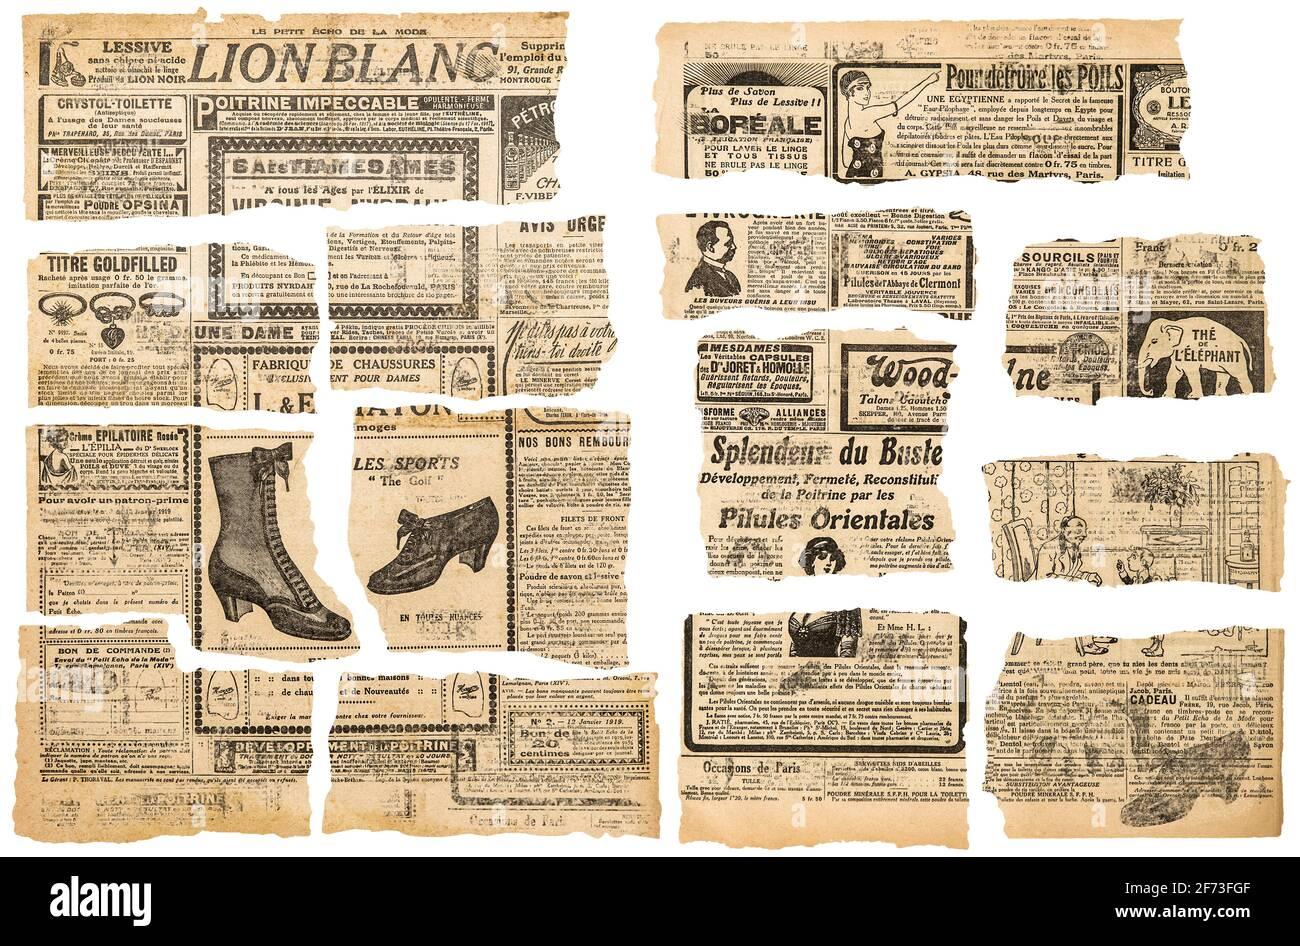 Vieux papiers avec texte illisible. Pièces en papier utilisées pour la création de scrapbooking de page découplée Banque D'Images